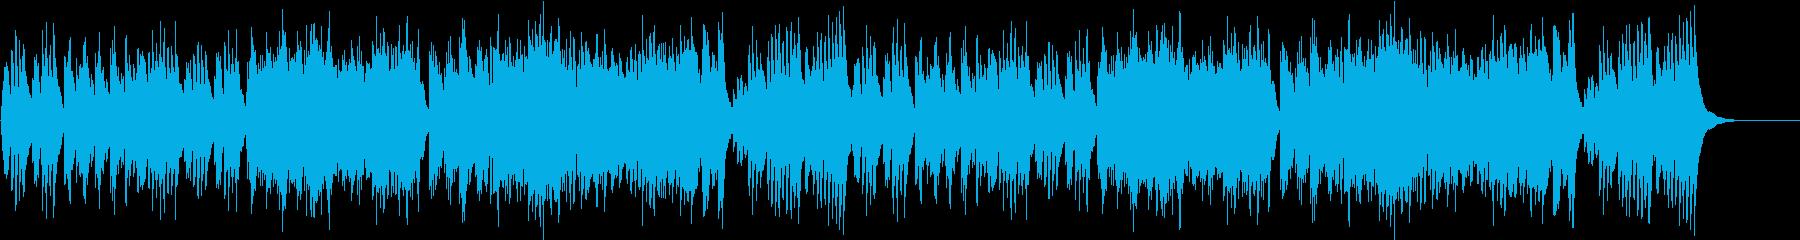 高級感クラシック ハープ協奏曲 の再生済みの波形